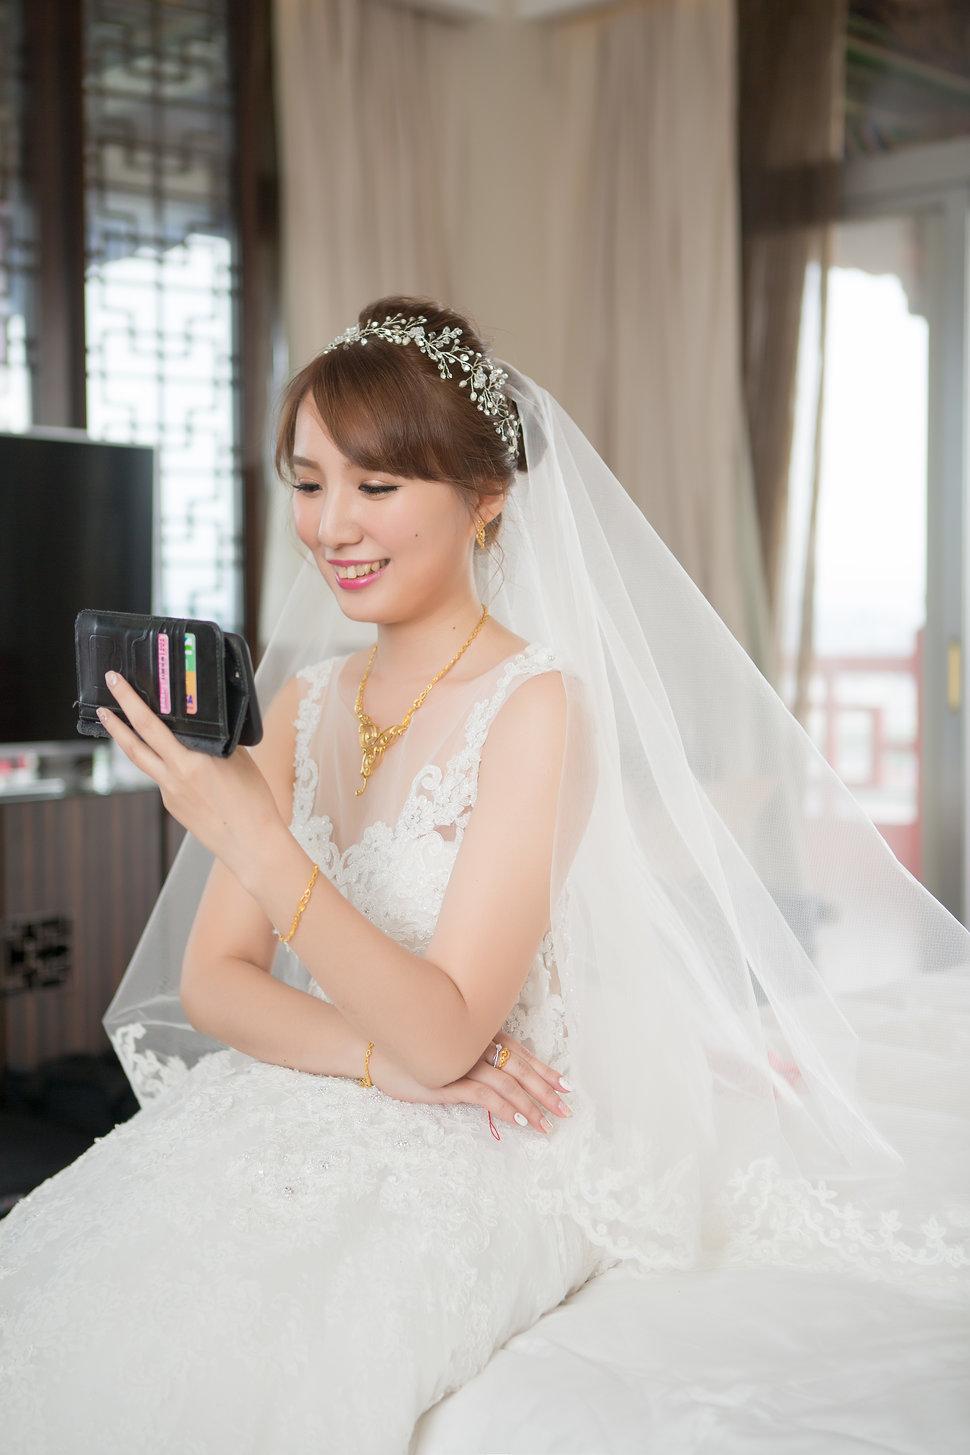 [台北婚攝] 文訂迎娶儀式_台北圓山大飯店(編號:431795) - Allen影像團隊 Love Story - 結婚吧